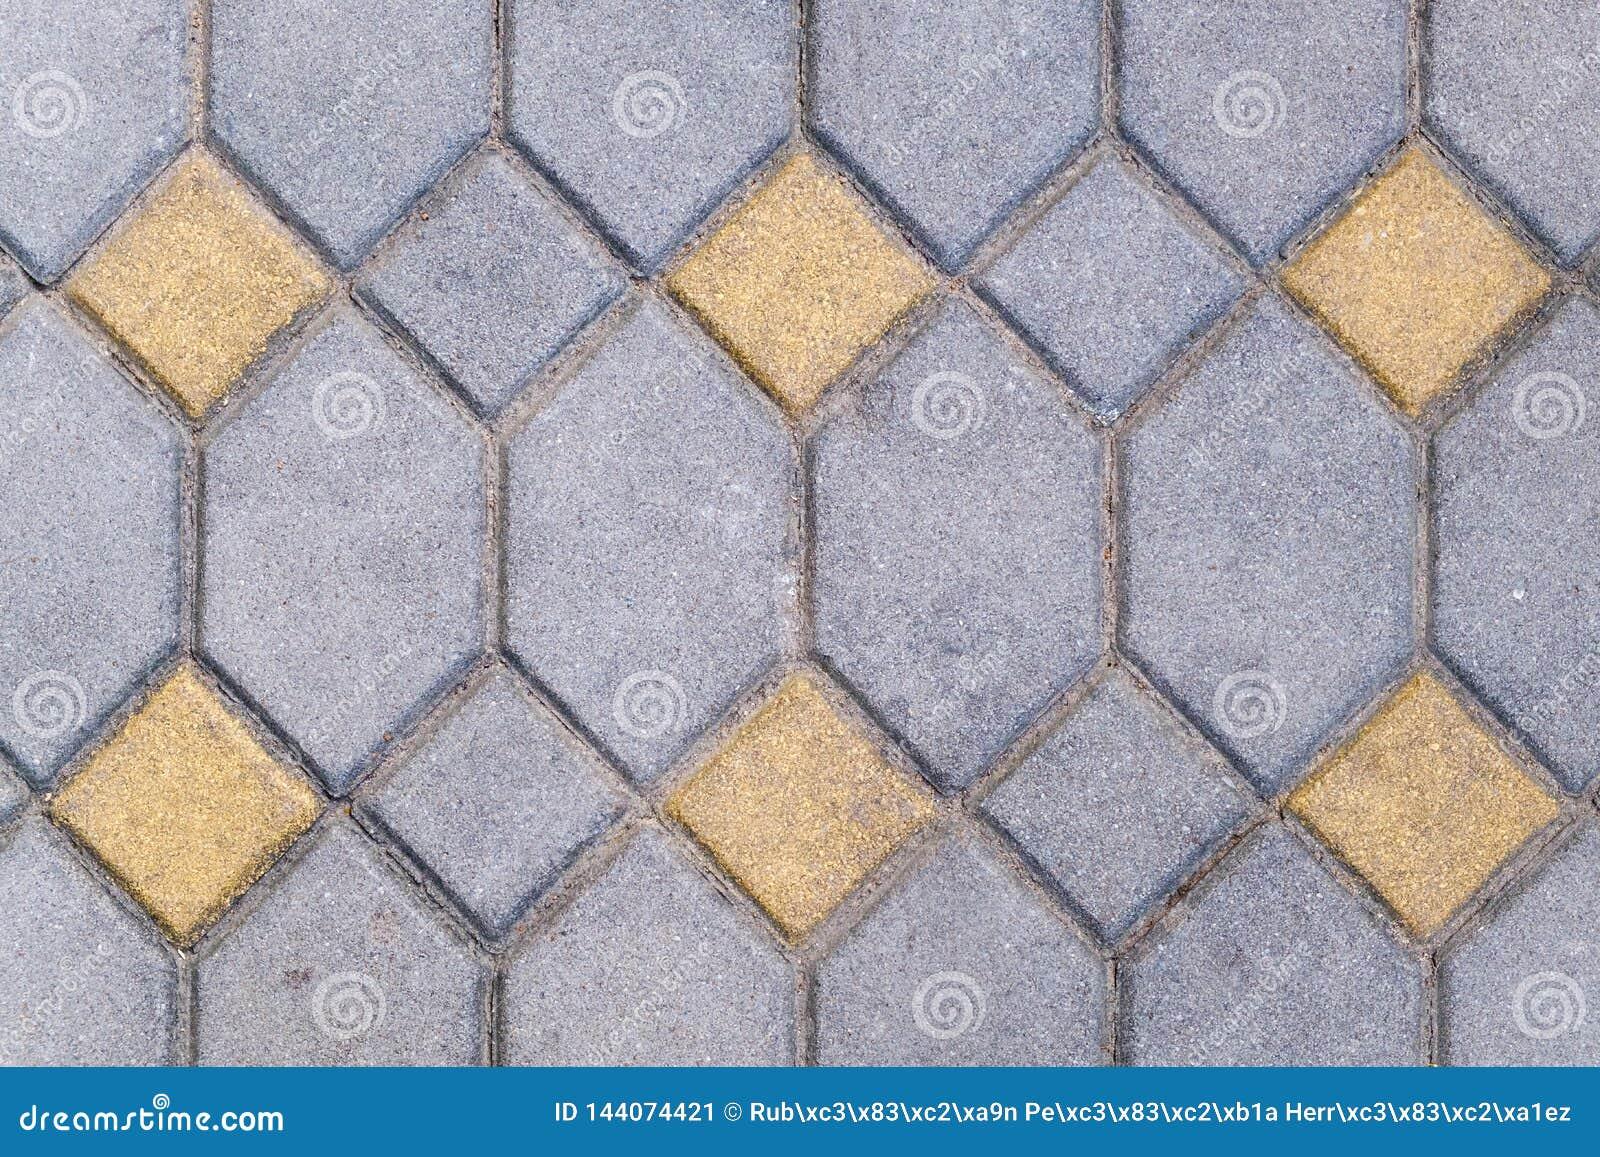 砖石头样式地板关闭纹理